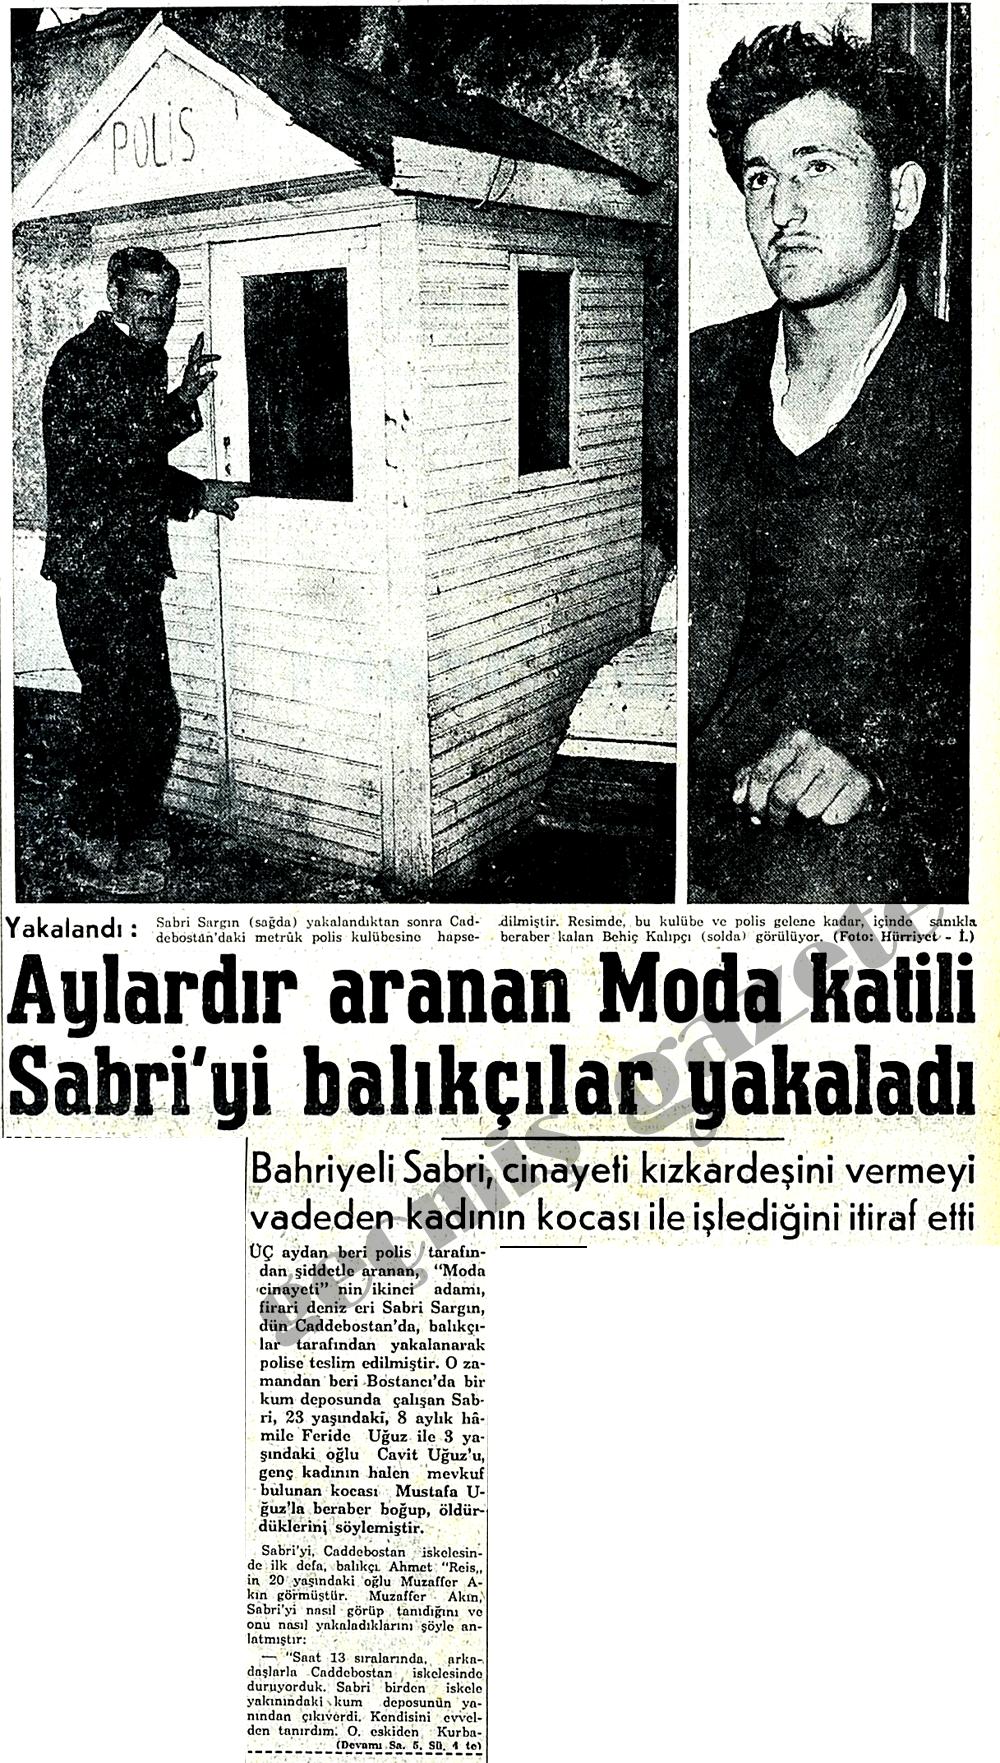 Aylardır aranan Moda katili Sabri'yi balıkçılar yakaladı